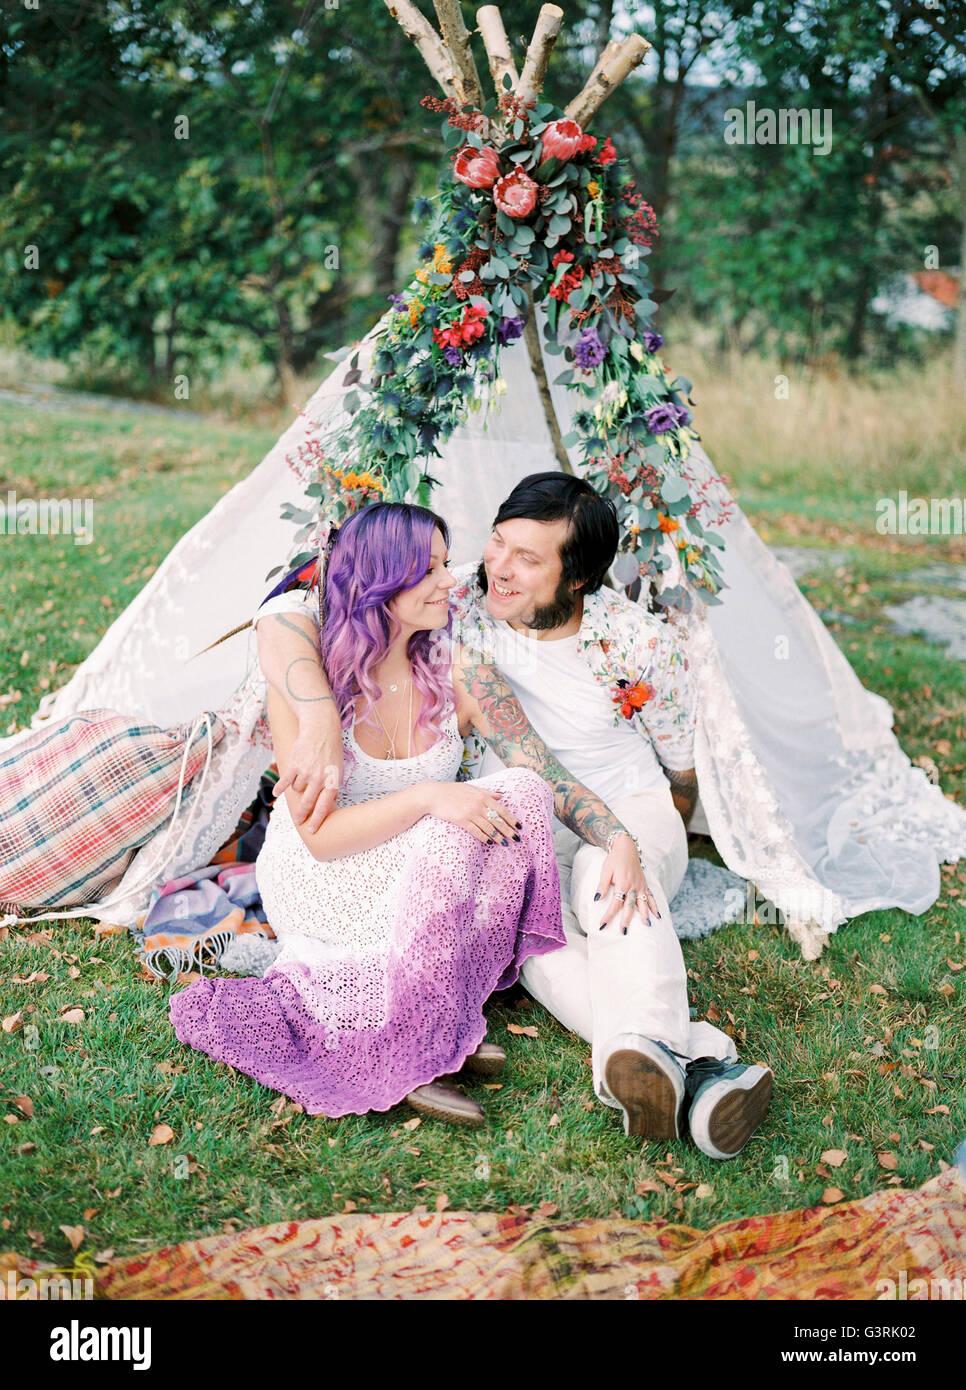 La Svezia, la sposa e lo sposo seduto sul prato di fronte della tenda bianca al matrimonio hippie Immagini Stock